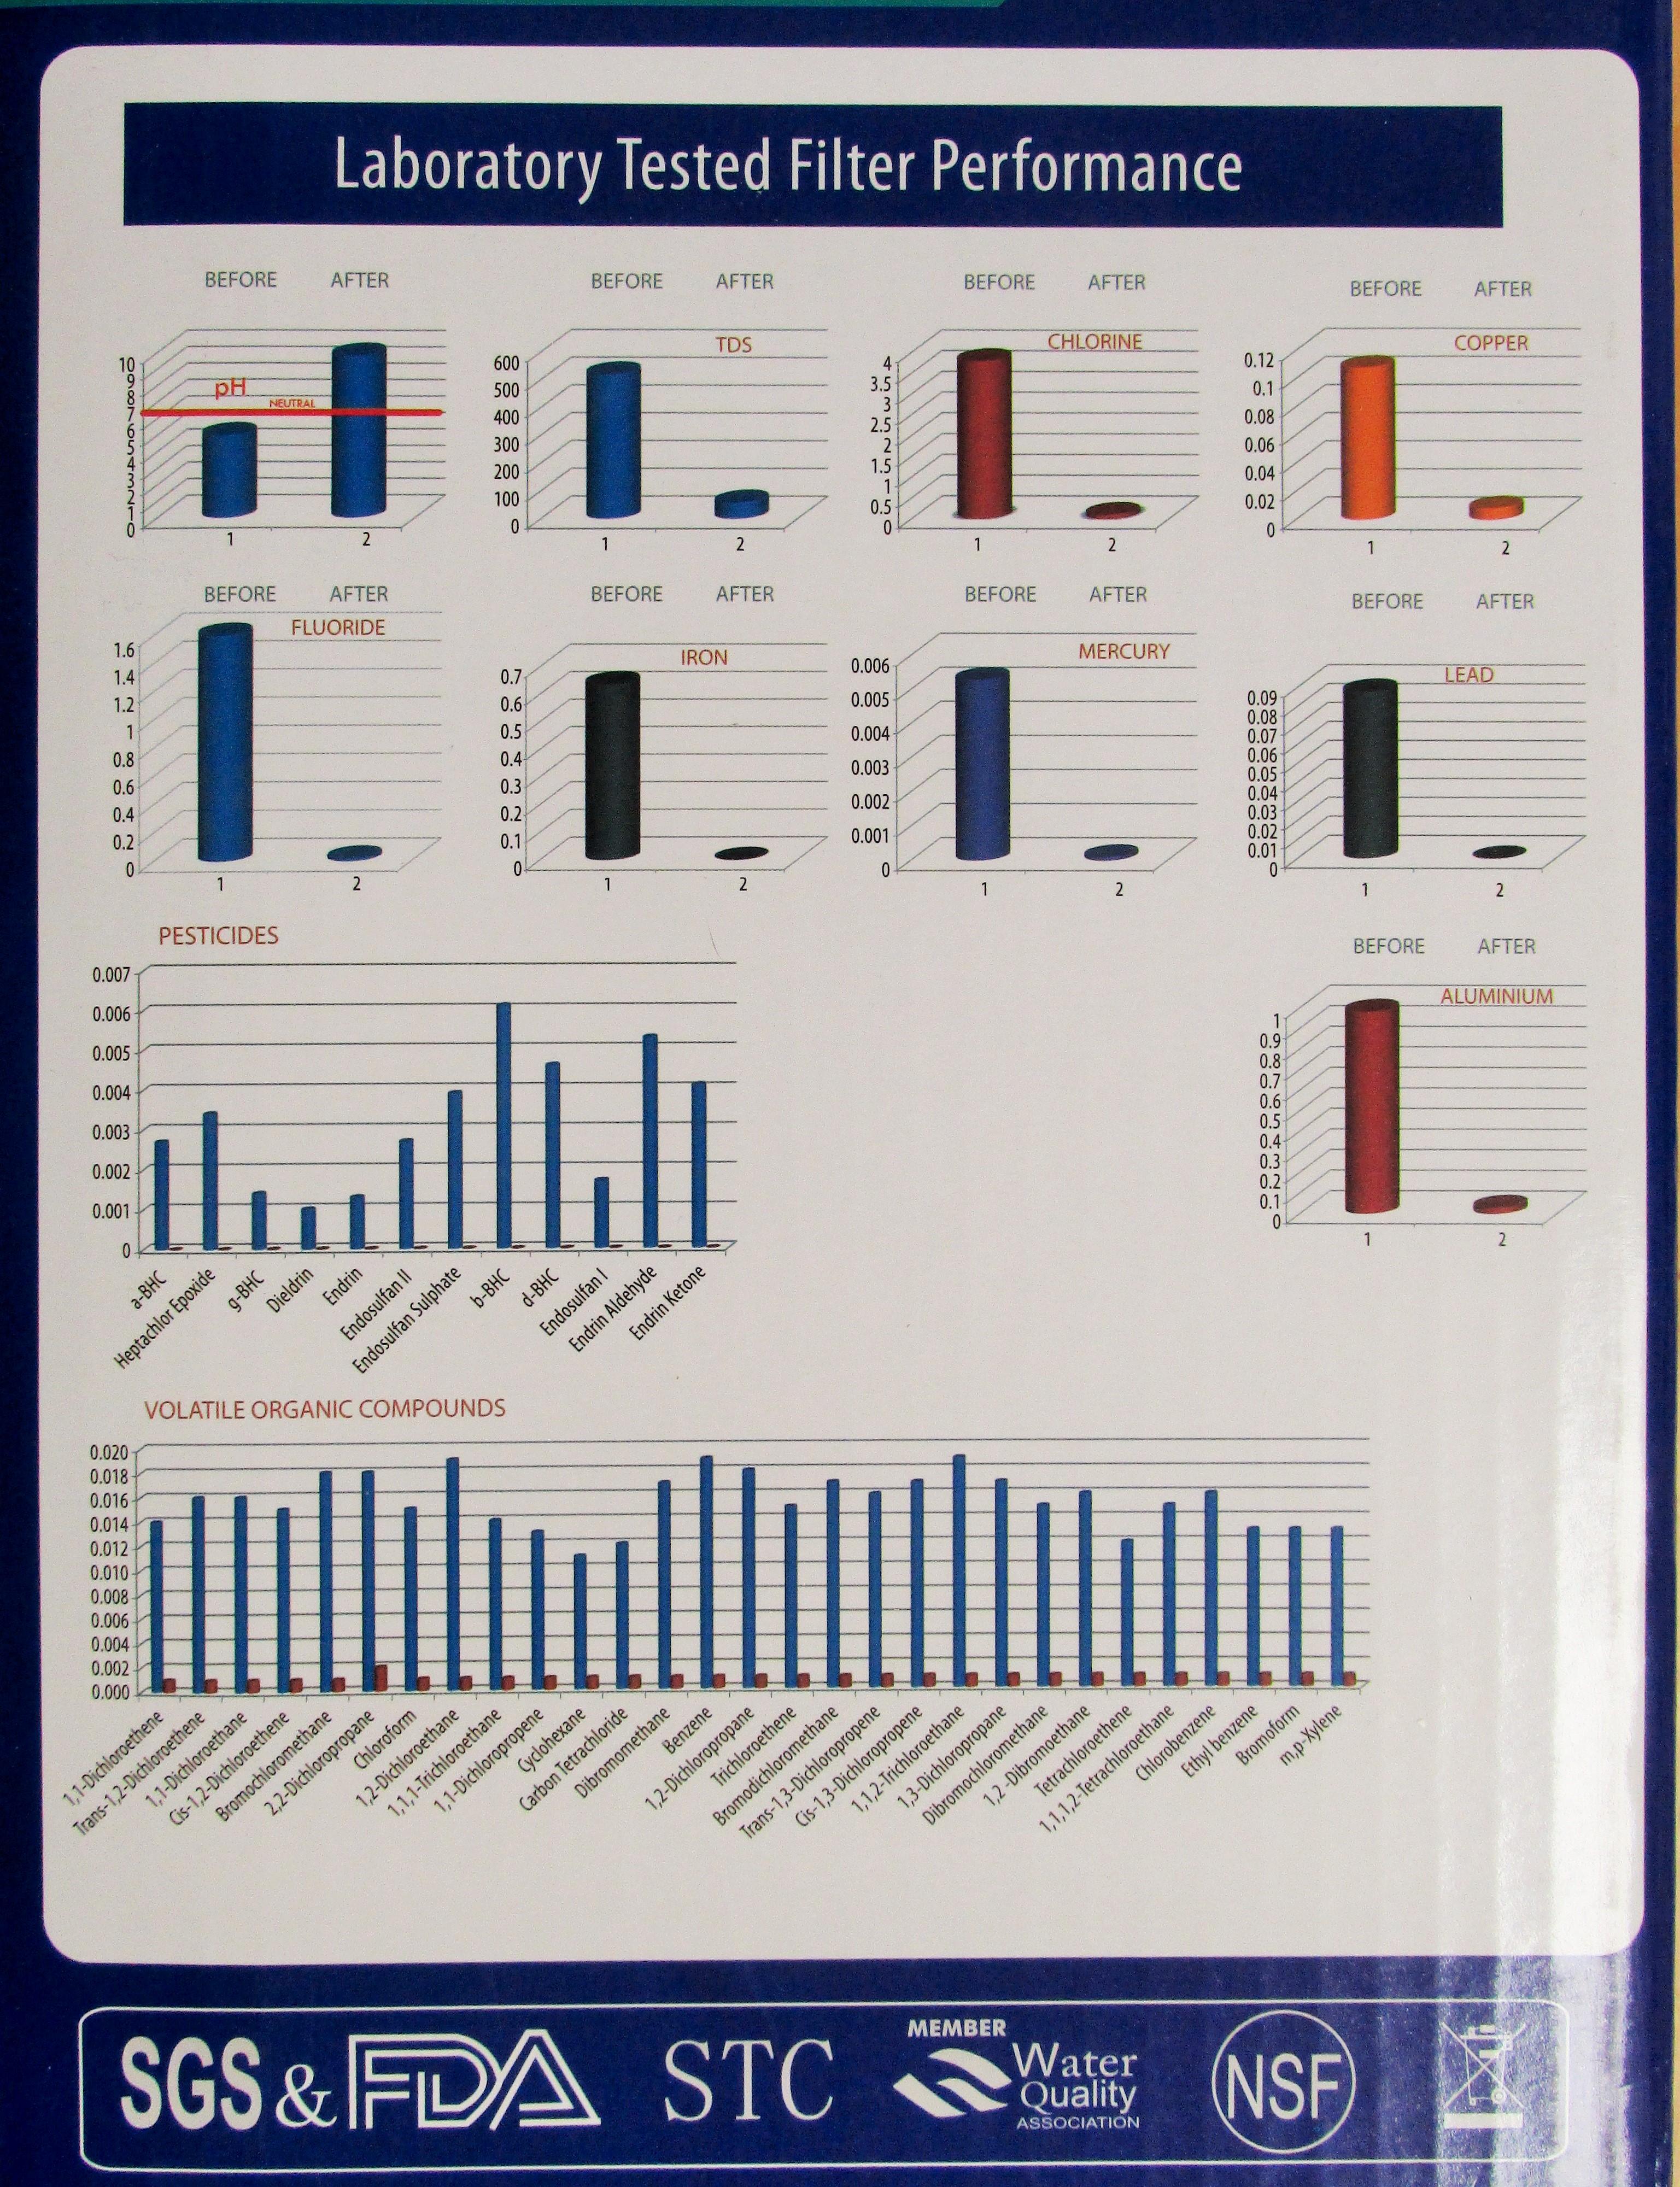 Alkalizer Purifier 909 Lab Results